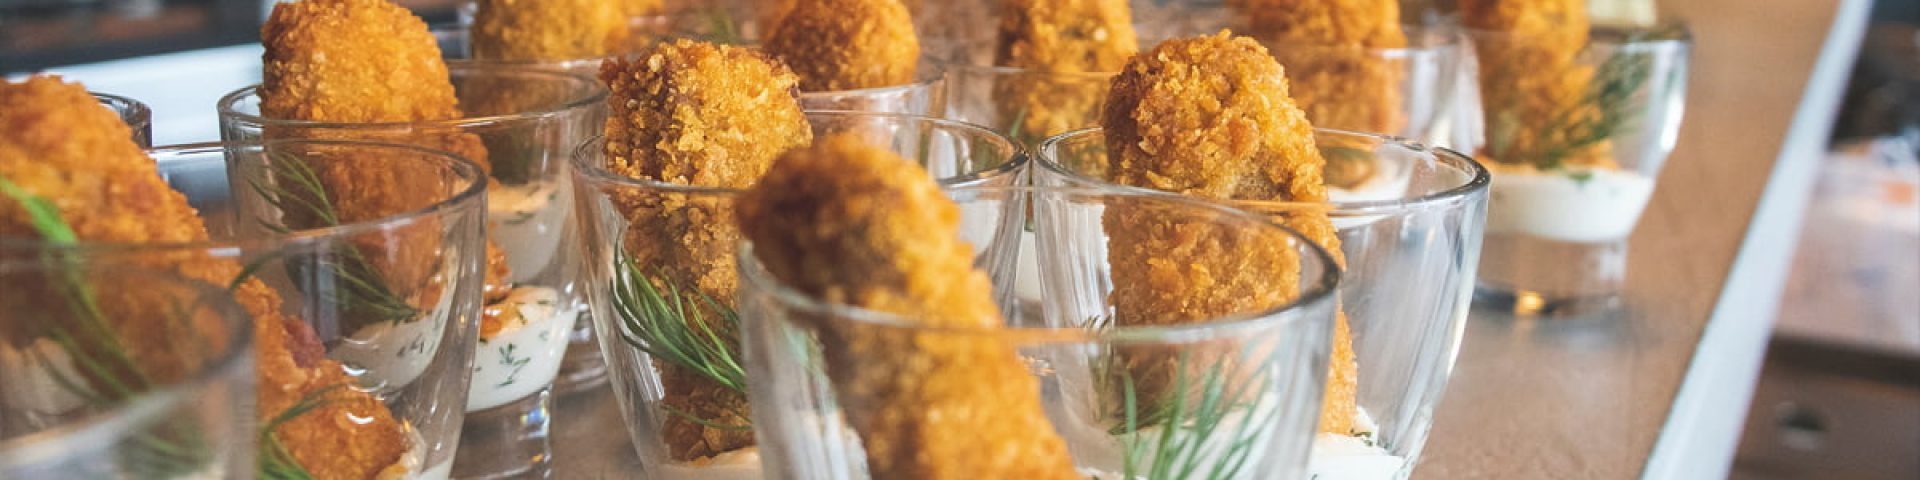 pollo frito con corn flakes